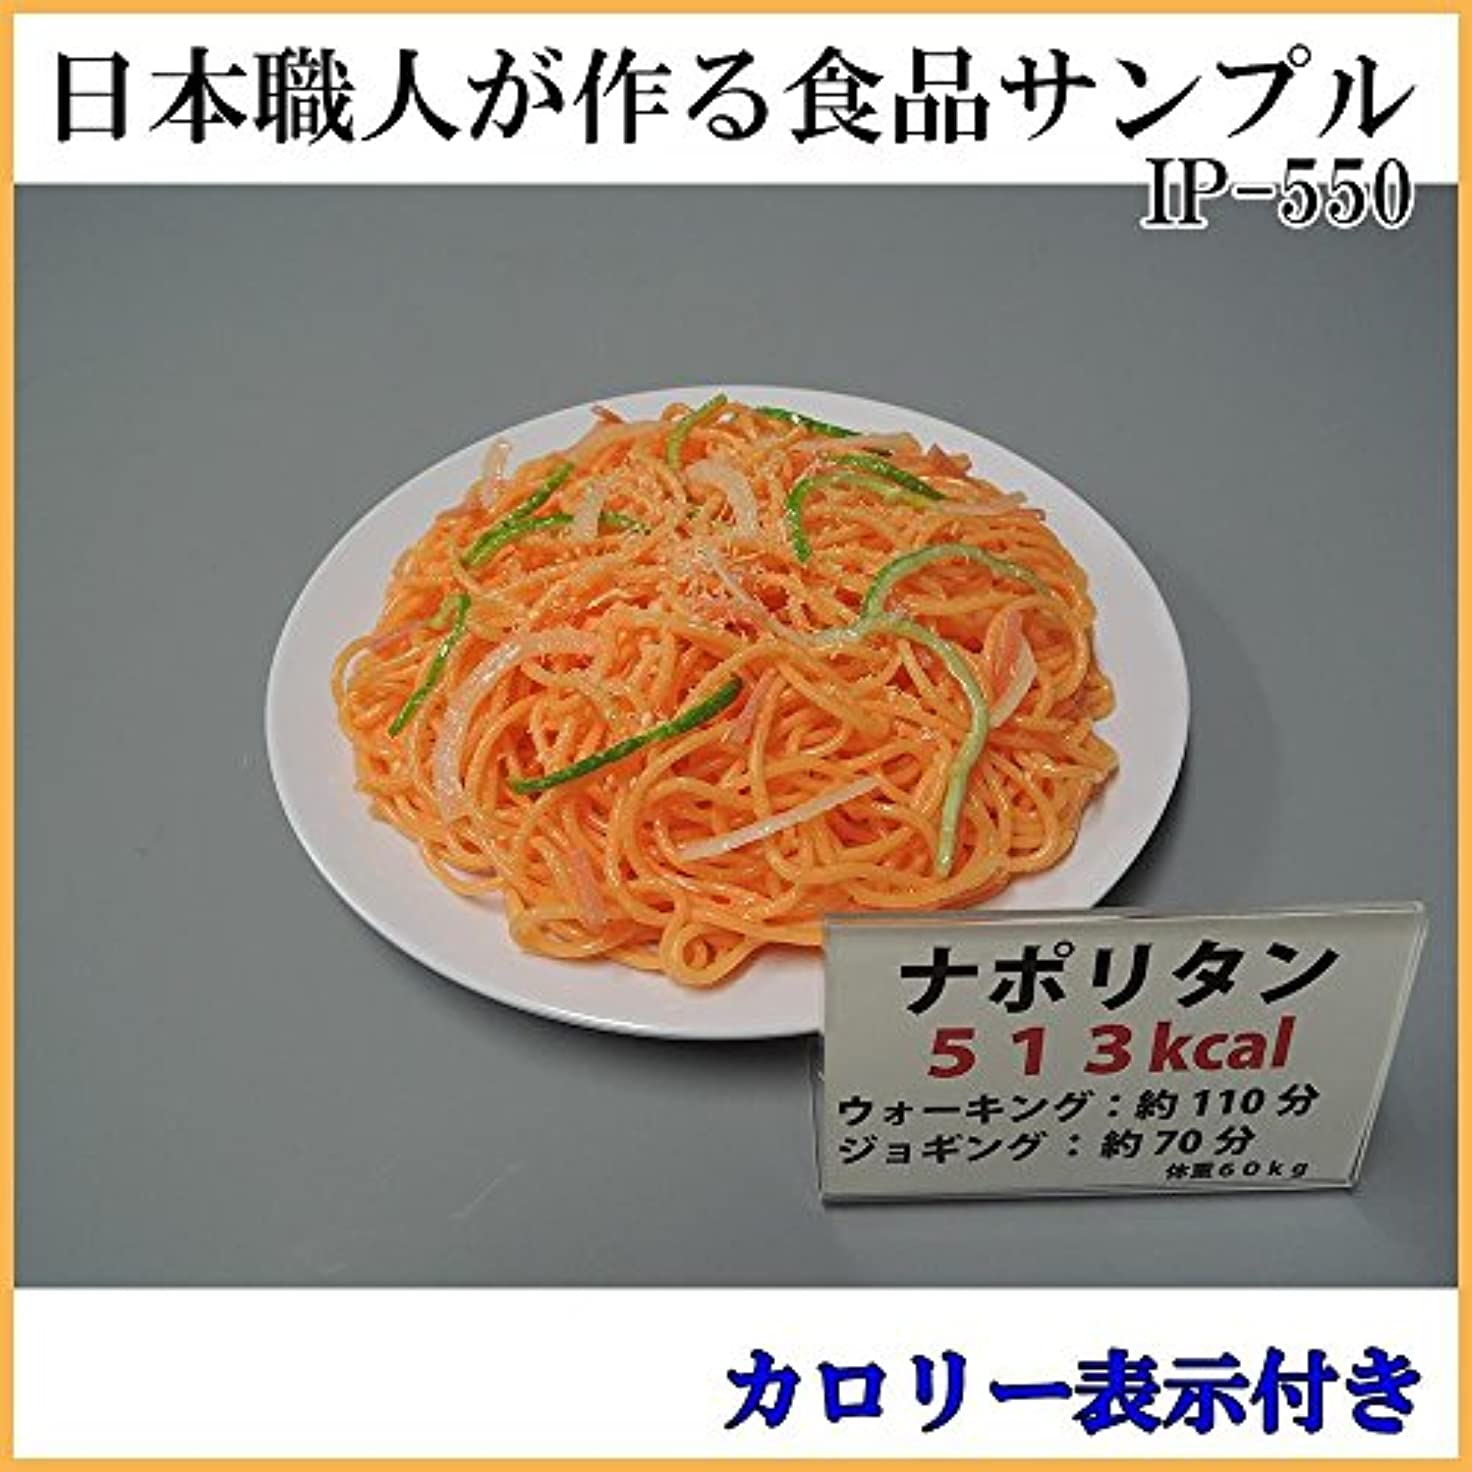 反映するバレーボールハンディ日本職人が作る 食品サンプル カロリー表示付き ナポリタン IP-550